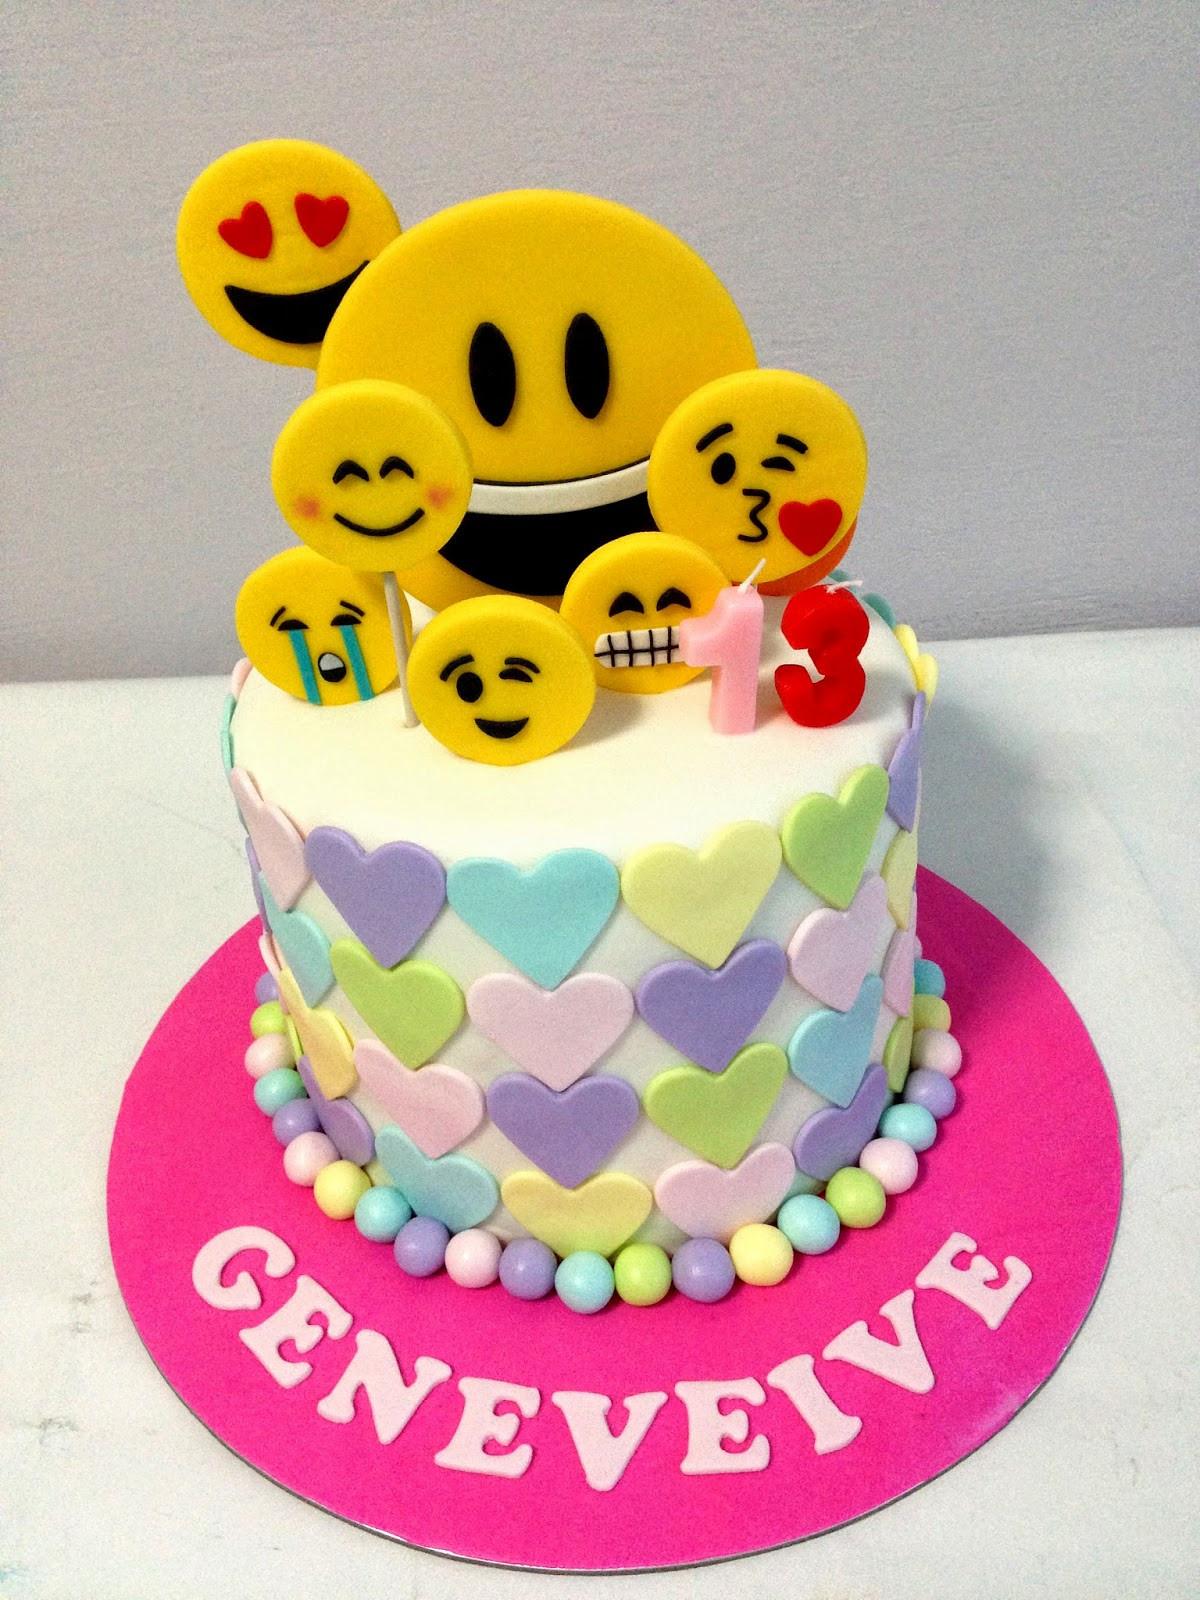 Emoji Birthday Cake  Oven Creations